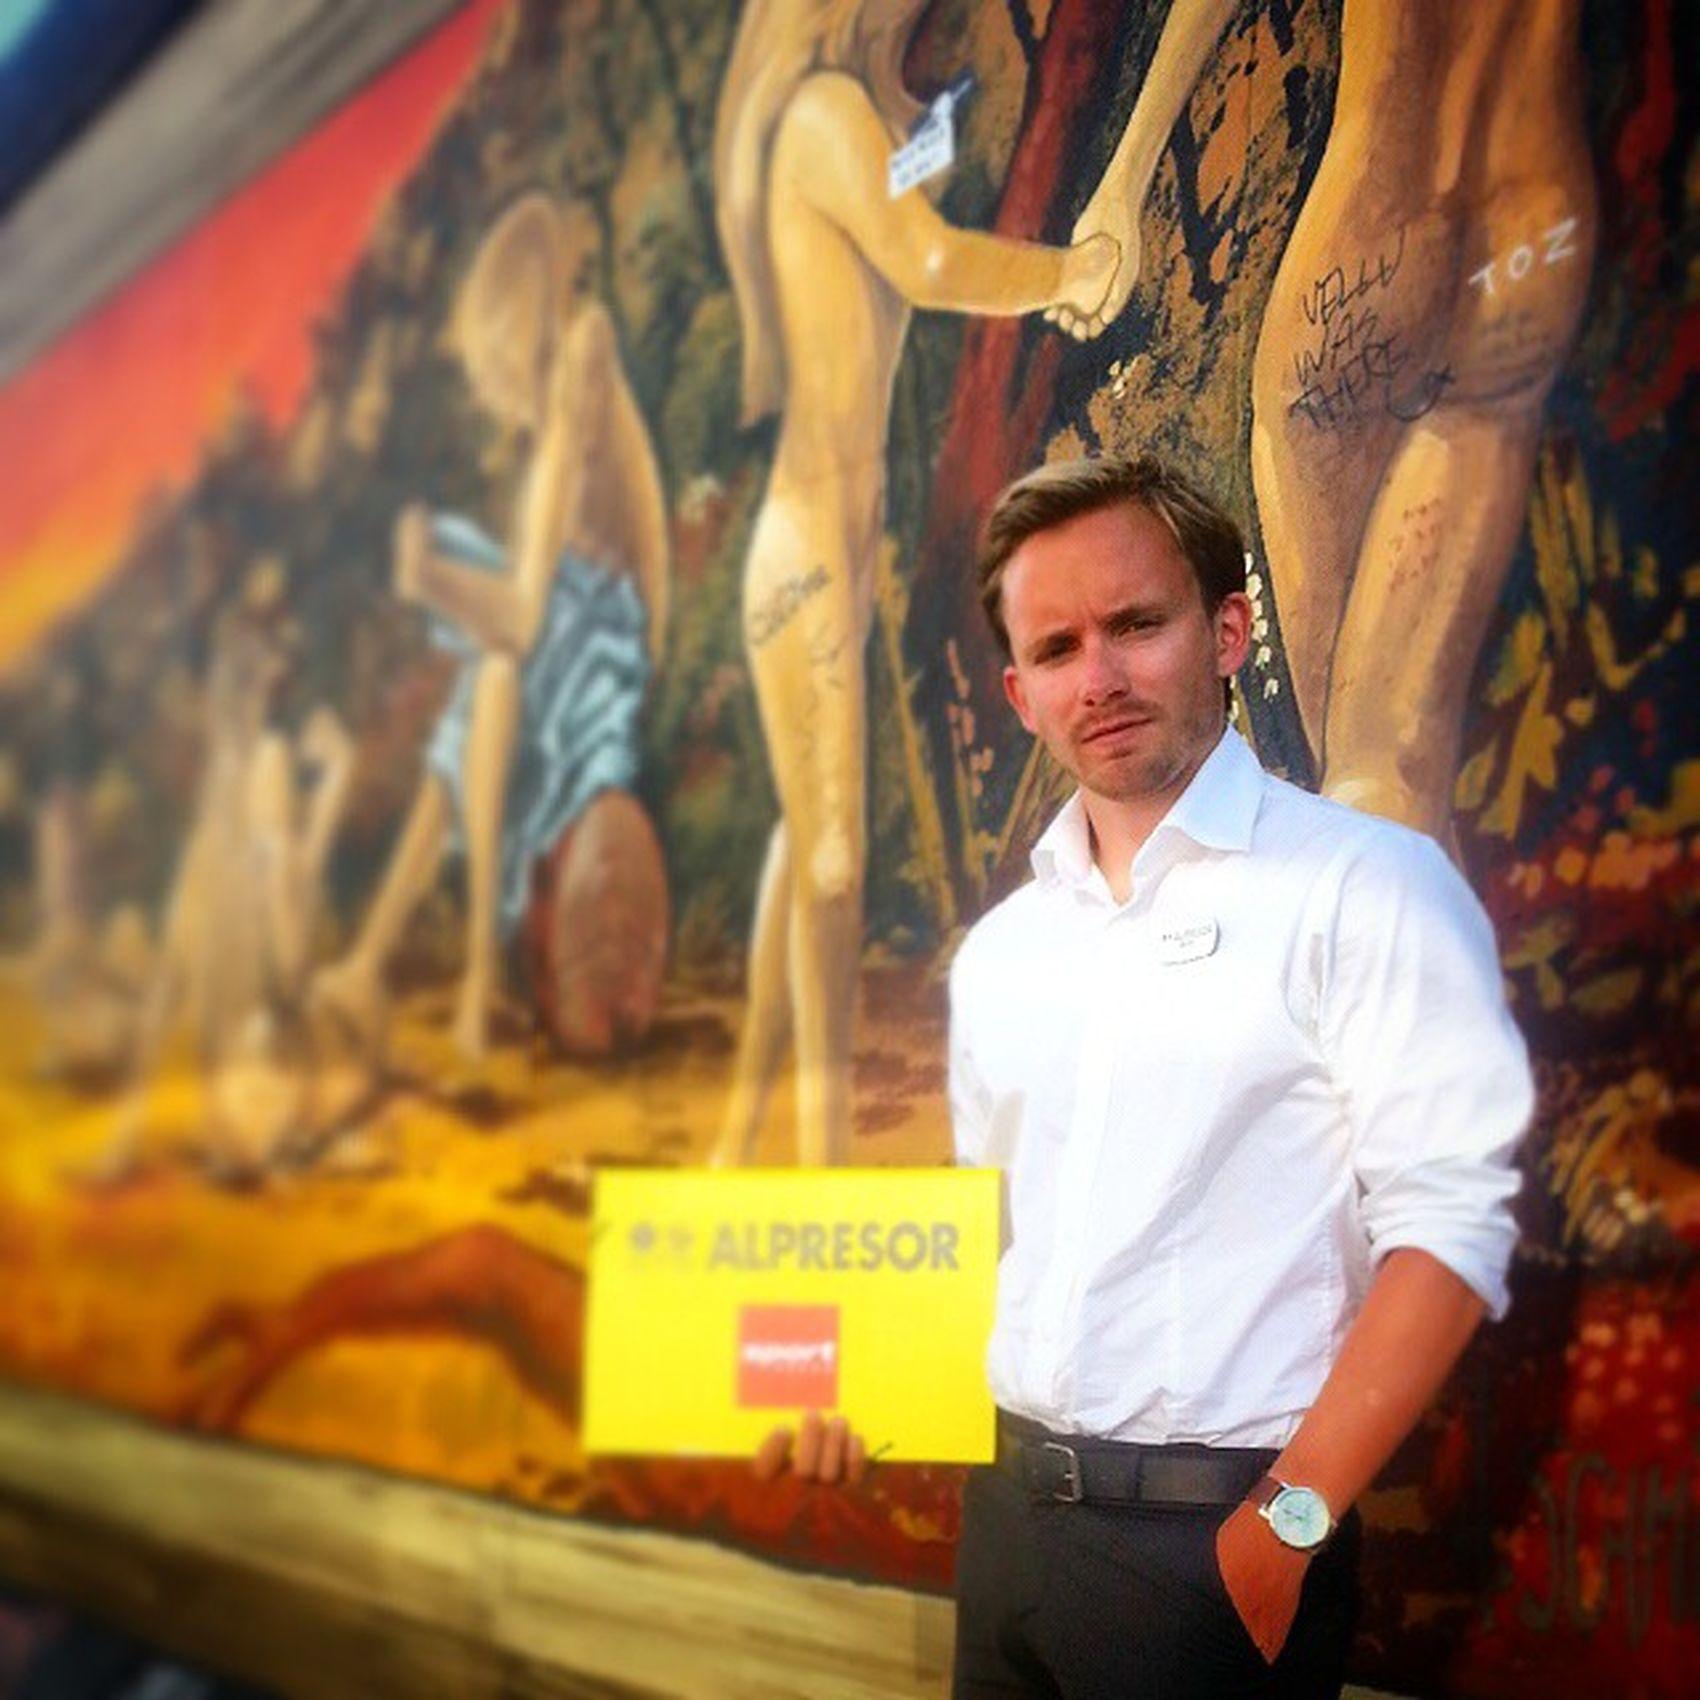 Då var man alltså i berlin. Obligatoriskabussguidesbilden Ellervadsägerdu @oskarzzacharoff? Stelt Pose hikests brunochvälmående tävlingomåretskatalogbild